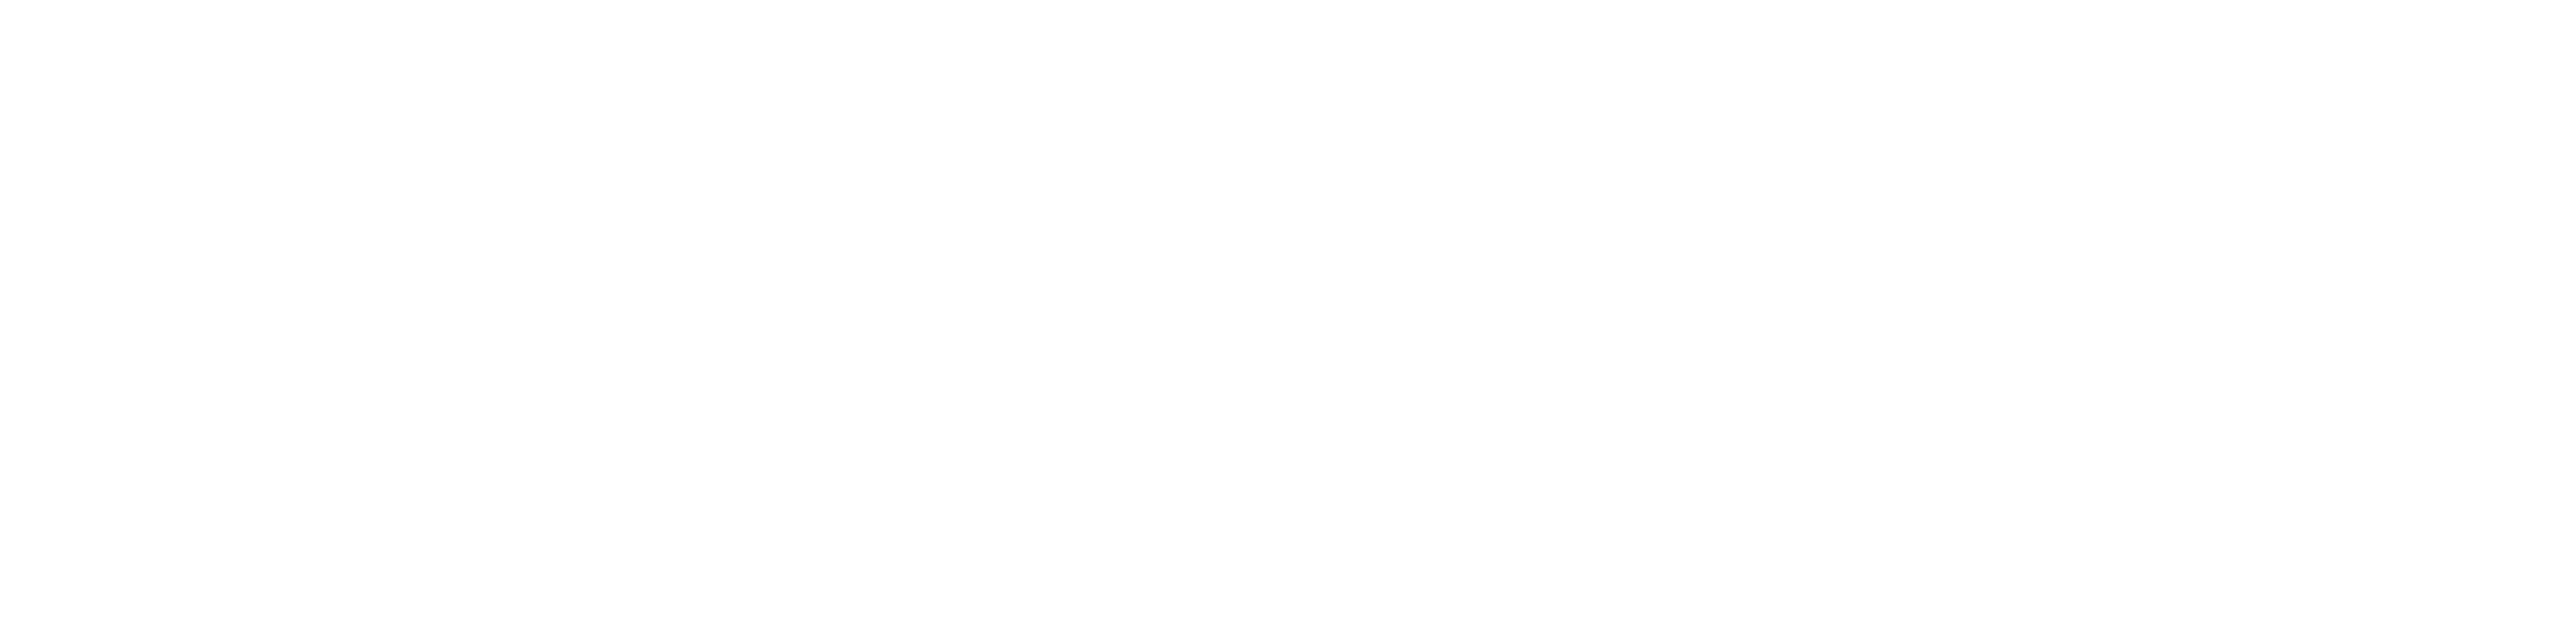 Almabase | Alumni Management Software